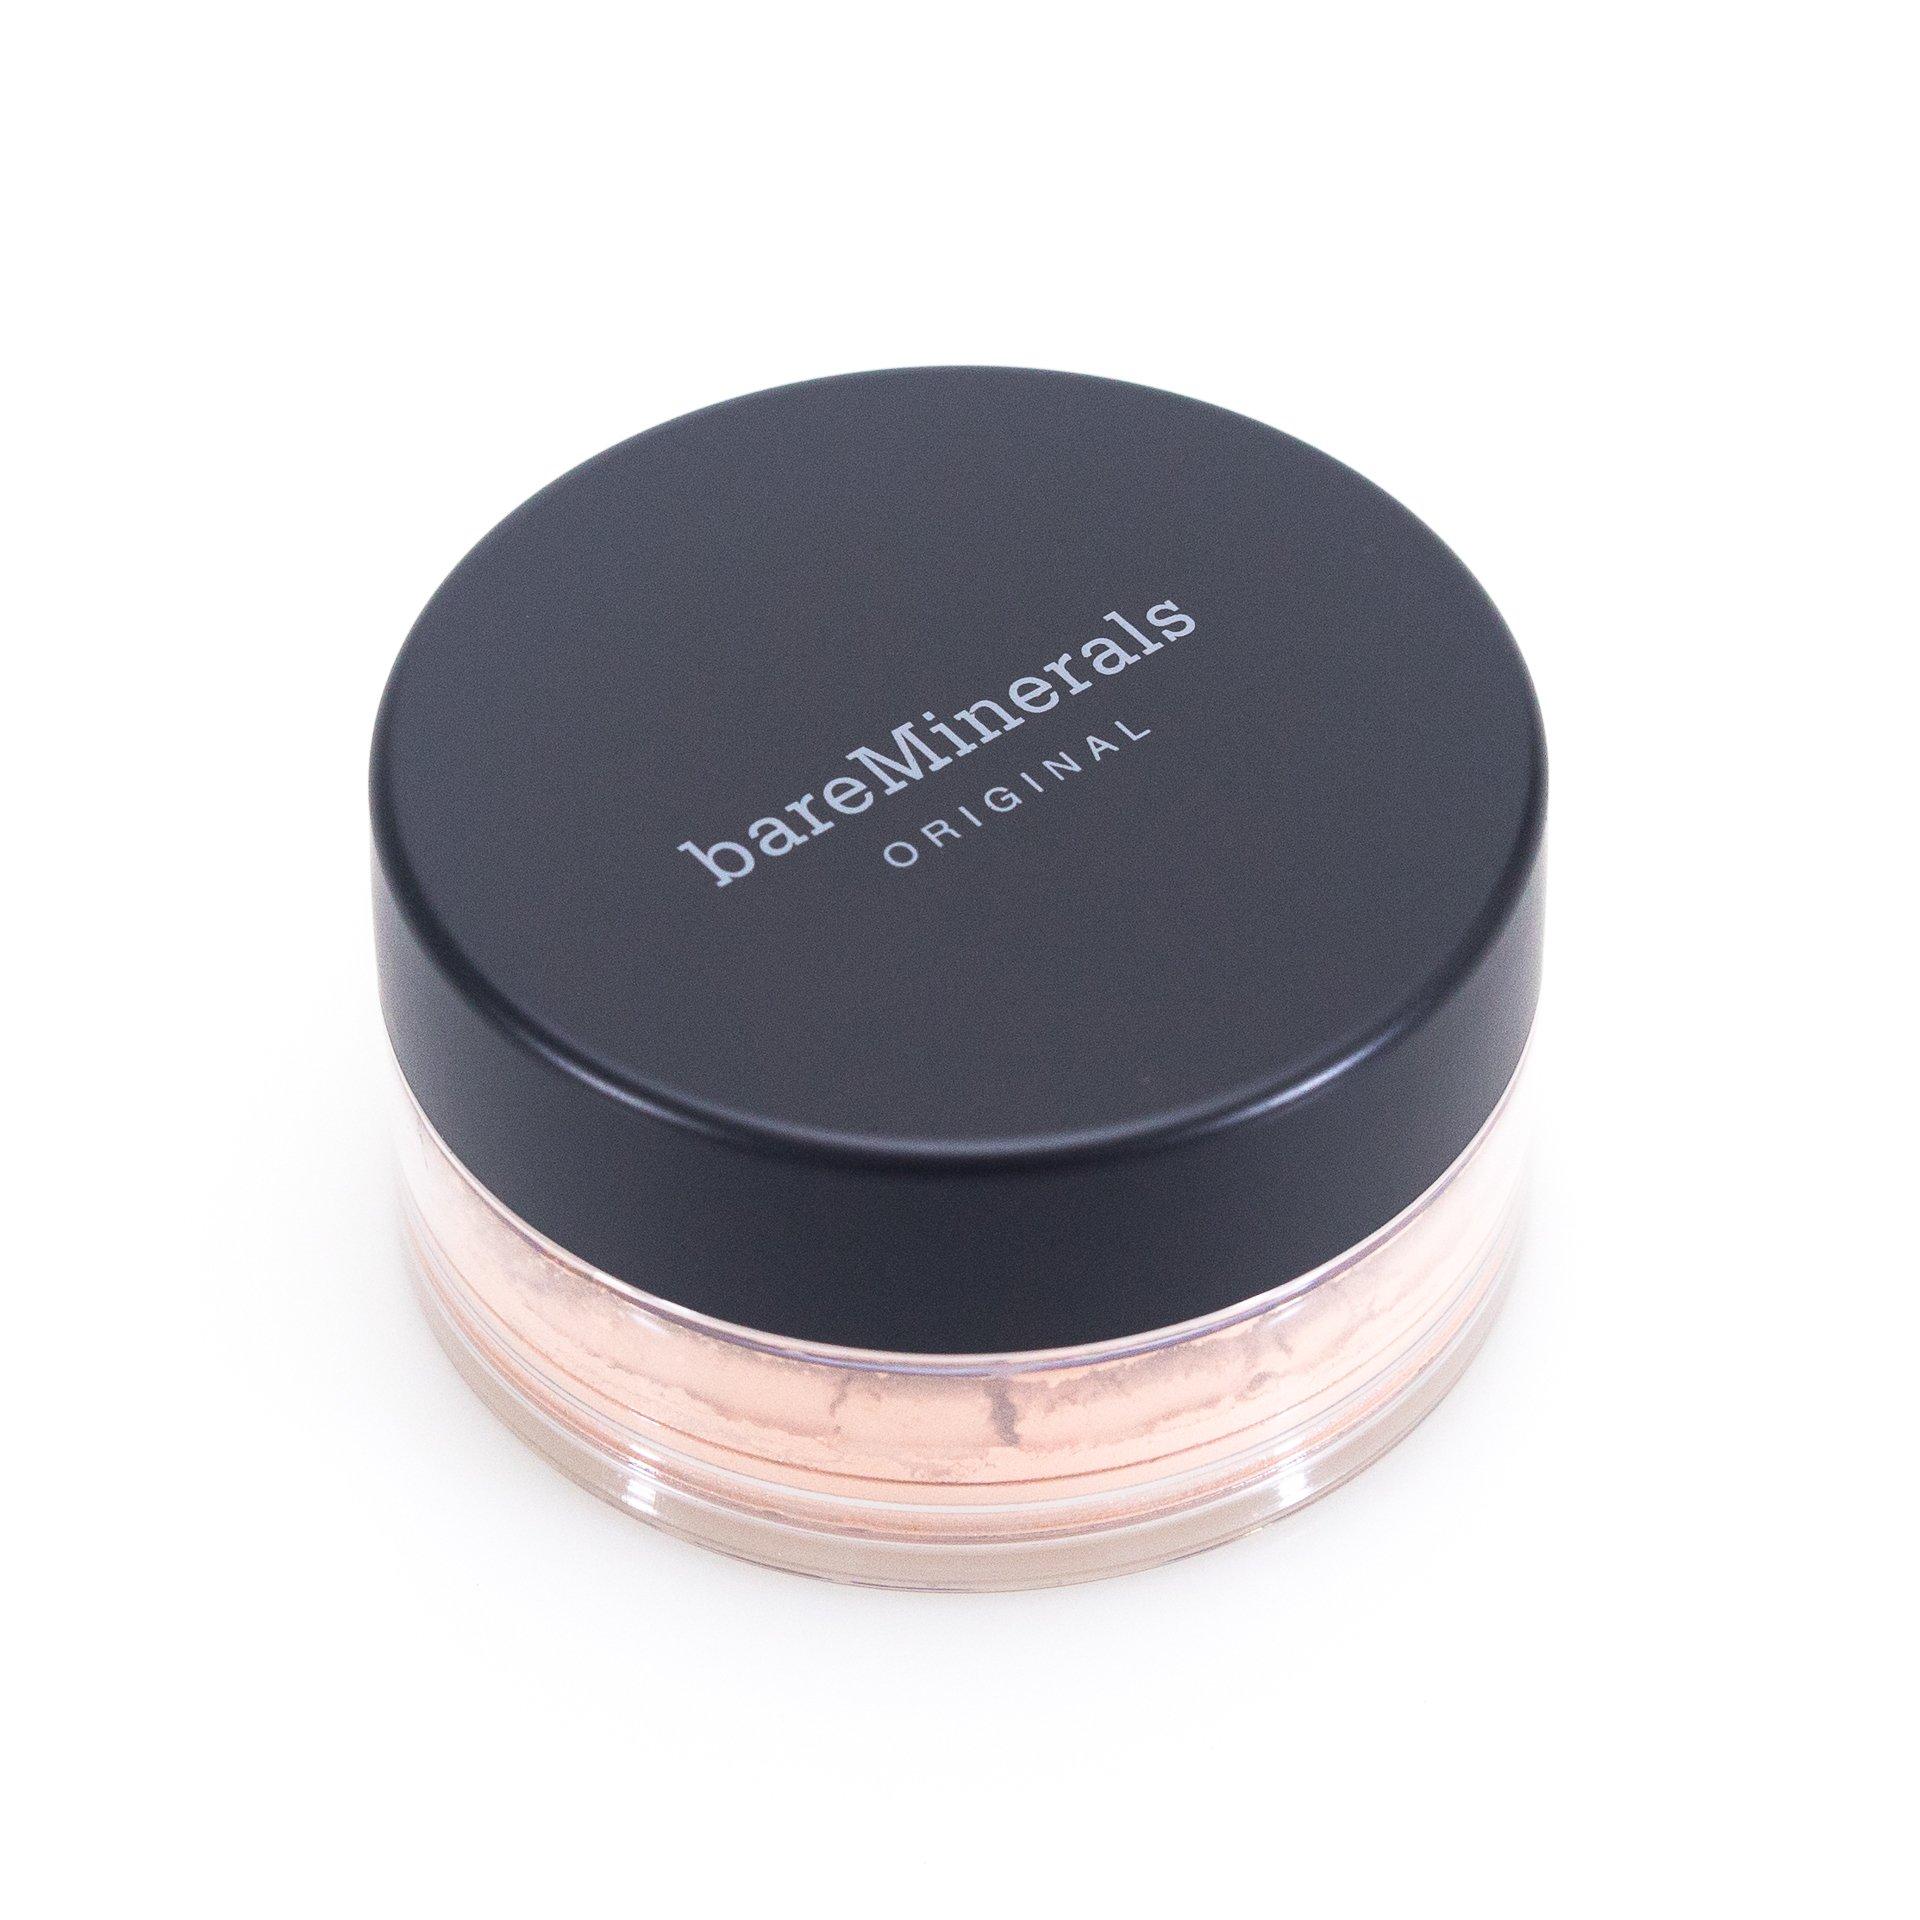 Bare Minerals Original Foundation - Medium beige - bareMinerals 8g/0.28